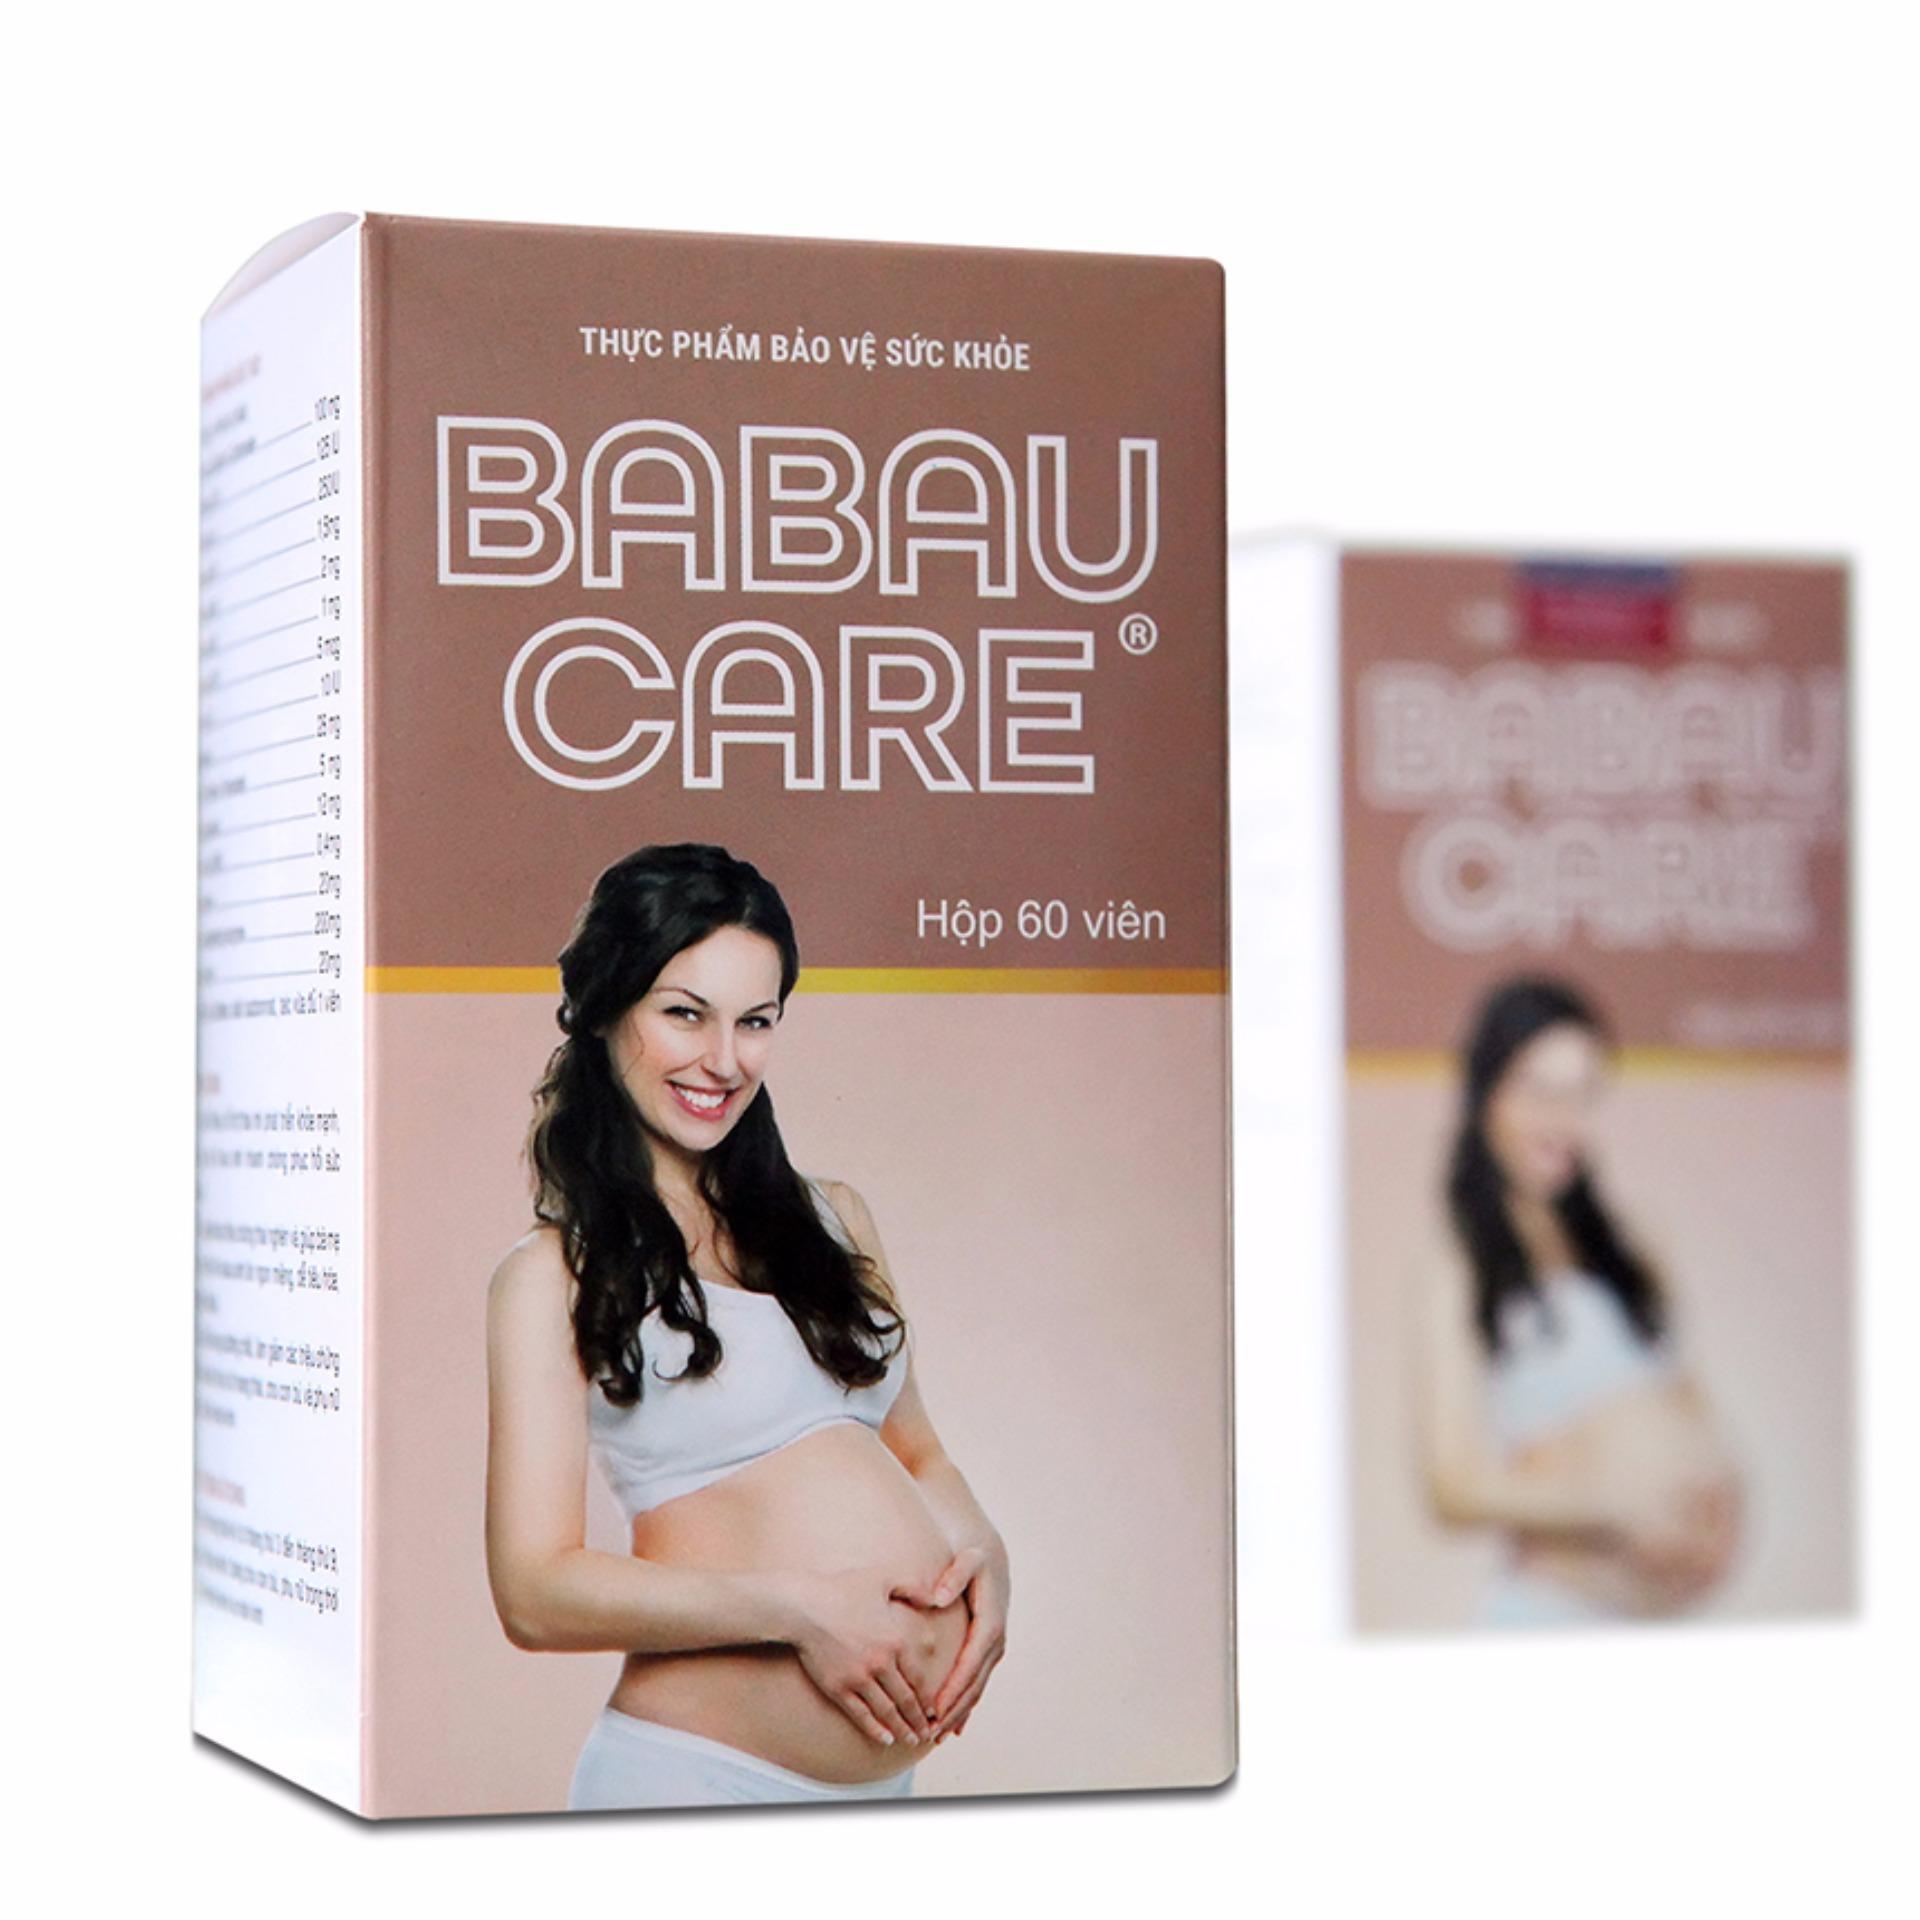 Viên giảm ốm nghén, bổ sung dinh dưỡng cho bà bầu – Babau care (lọ 60 viên)